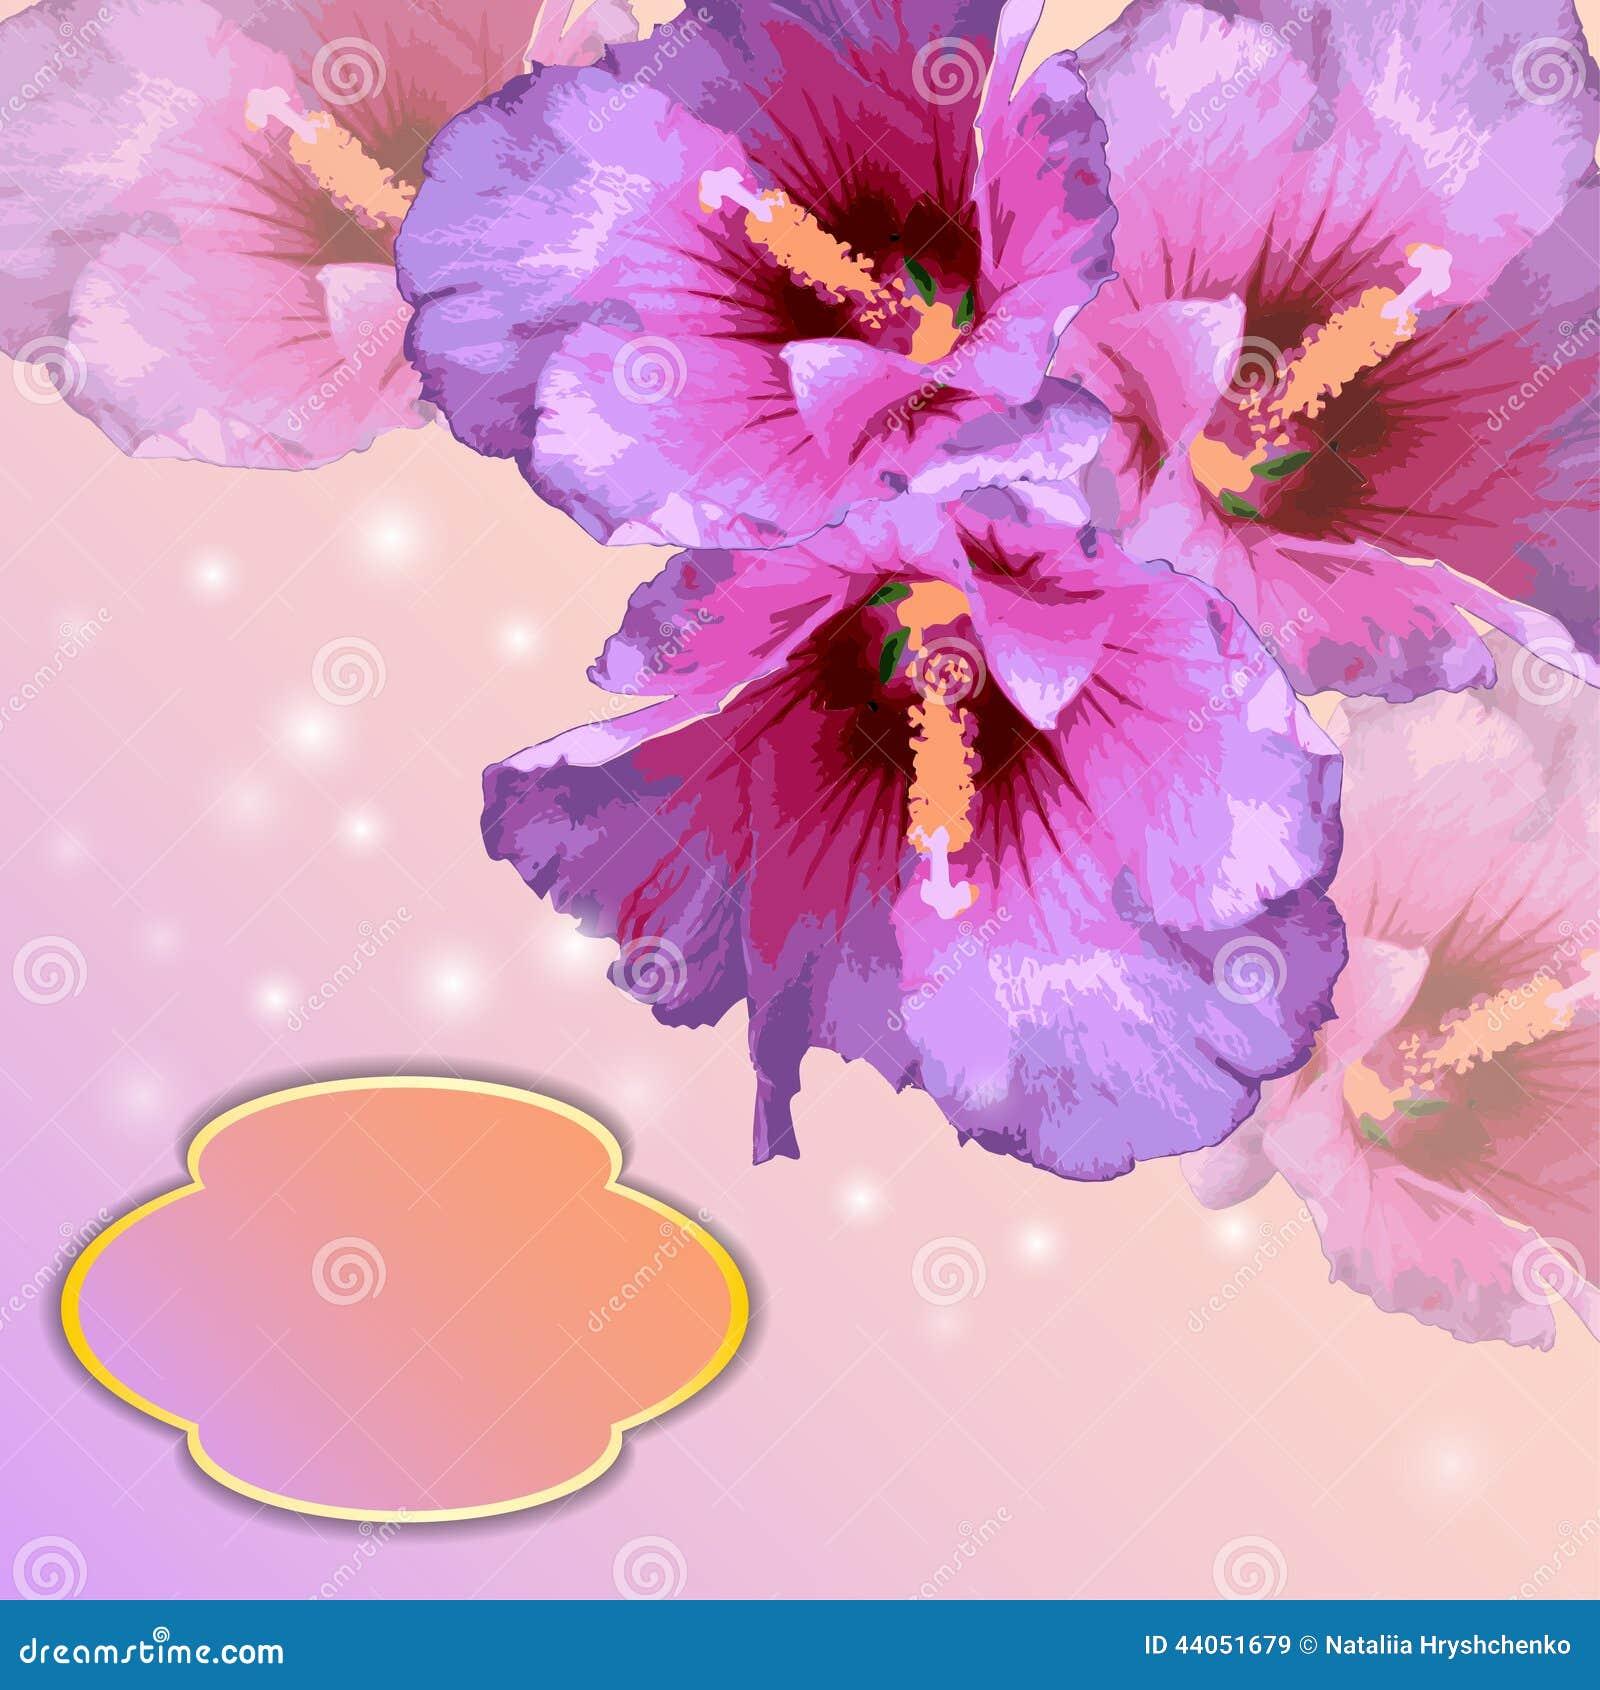 Flores preciosas fotos de flores preciosas para regalar flores y animales comunidad google - Fotos flores preciosas ...